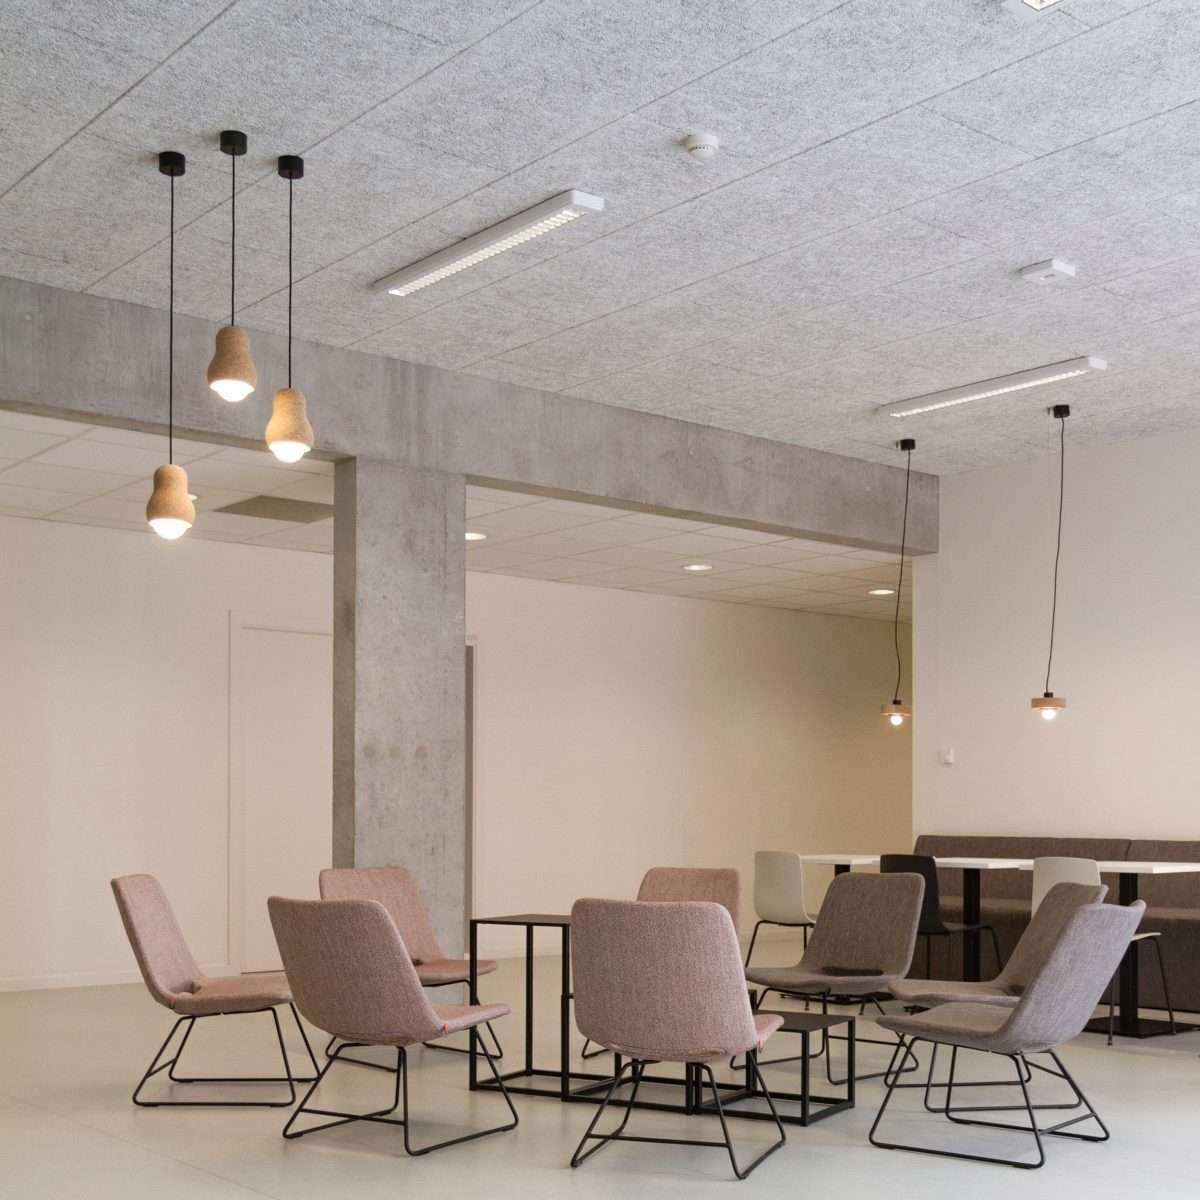 Wood Wool ceiling tiles